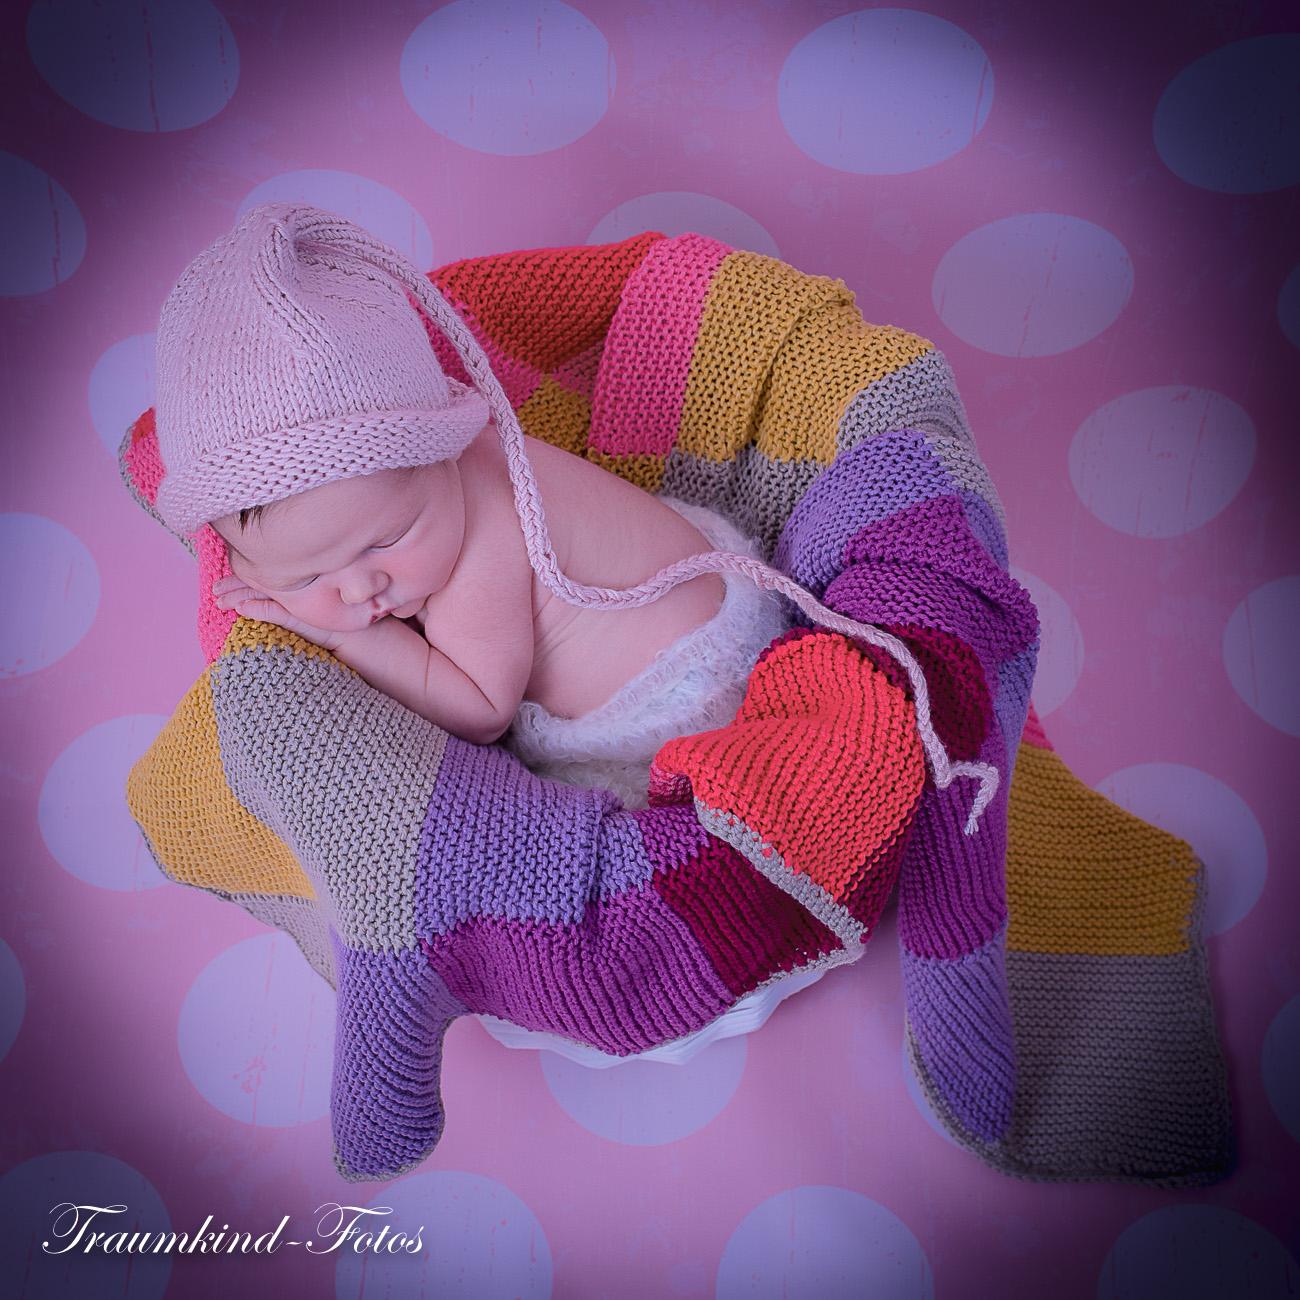 Traumkind Fotos Babyfotografie Essen 4 - Babyfotos